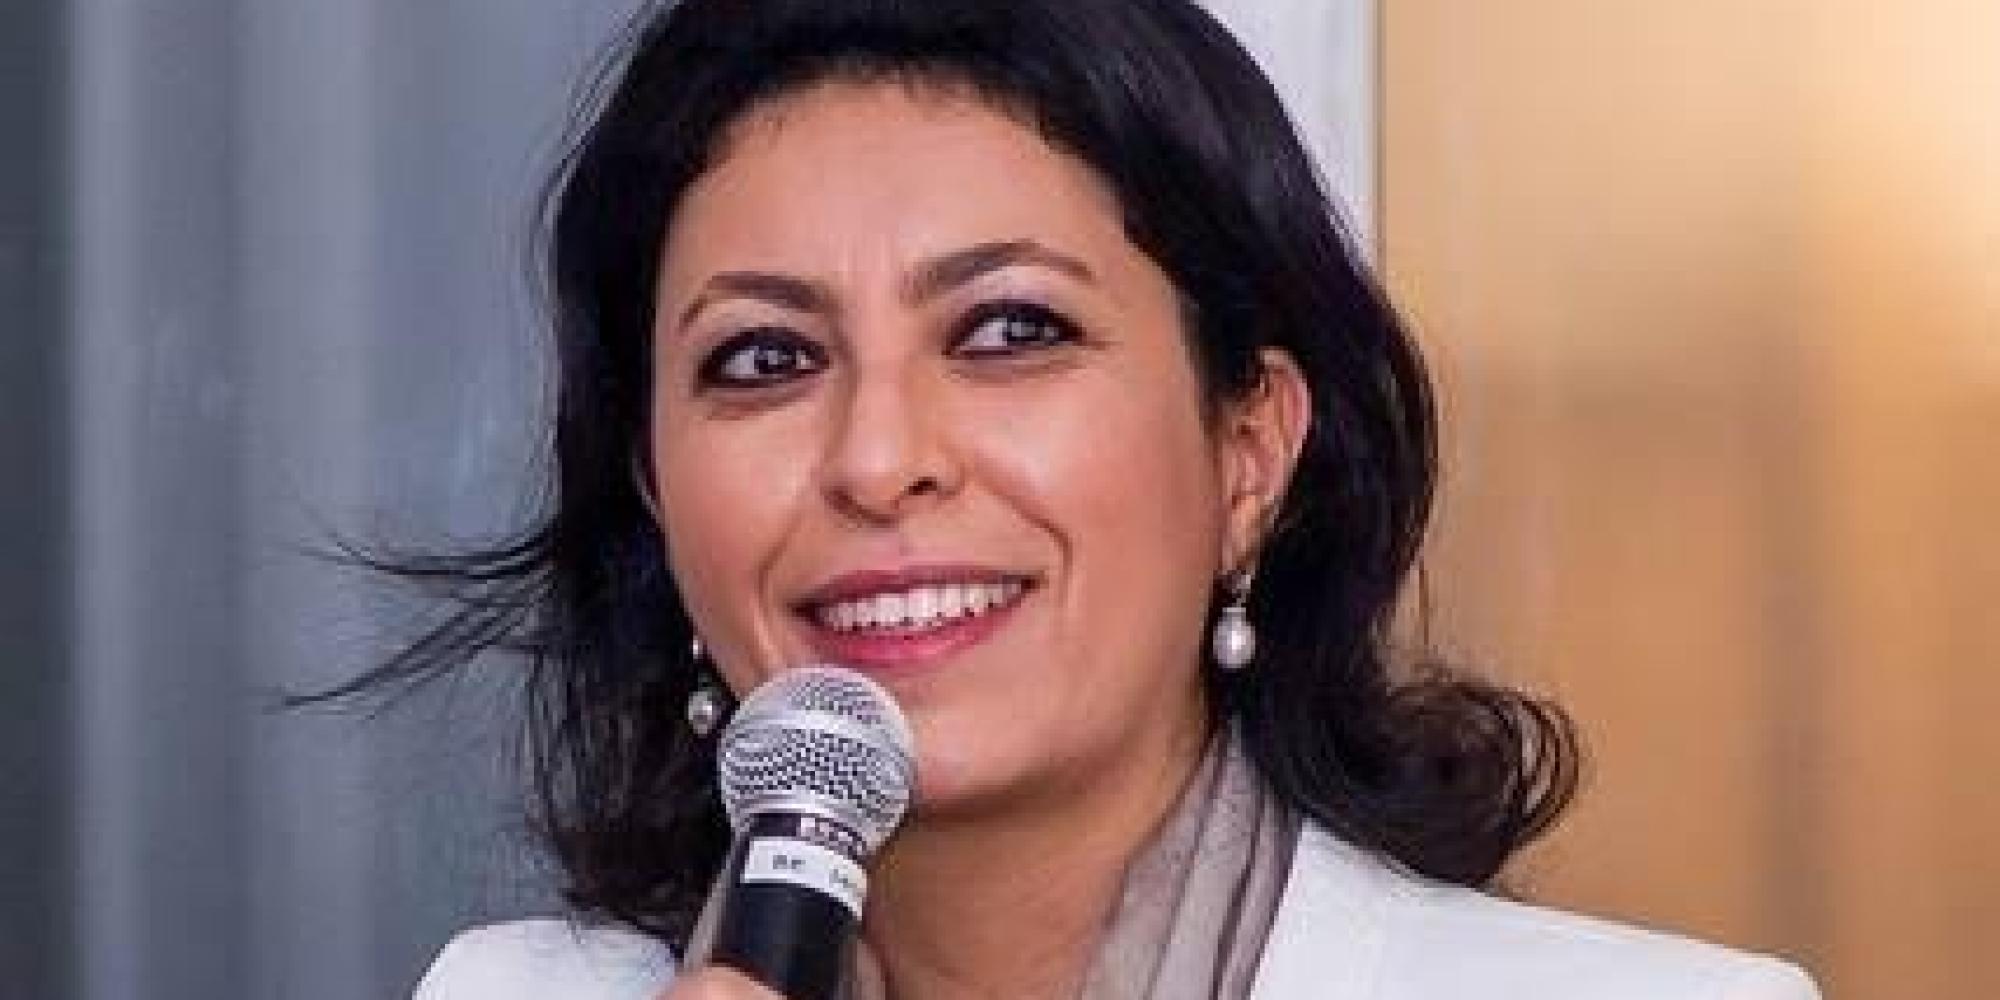 France : Leila Aichi écartée des listes d'En Marche en raison de ses positions pro-Polisario